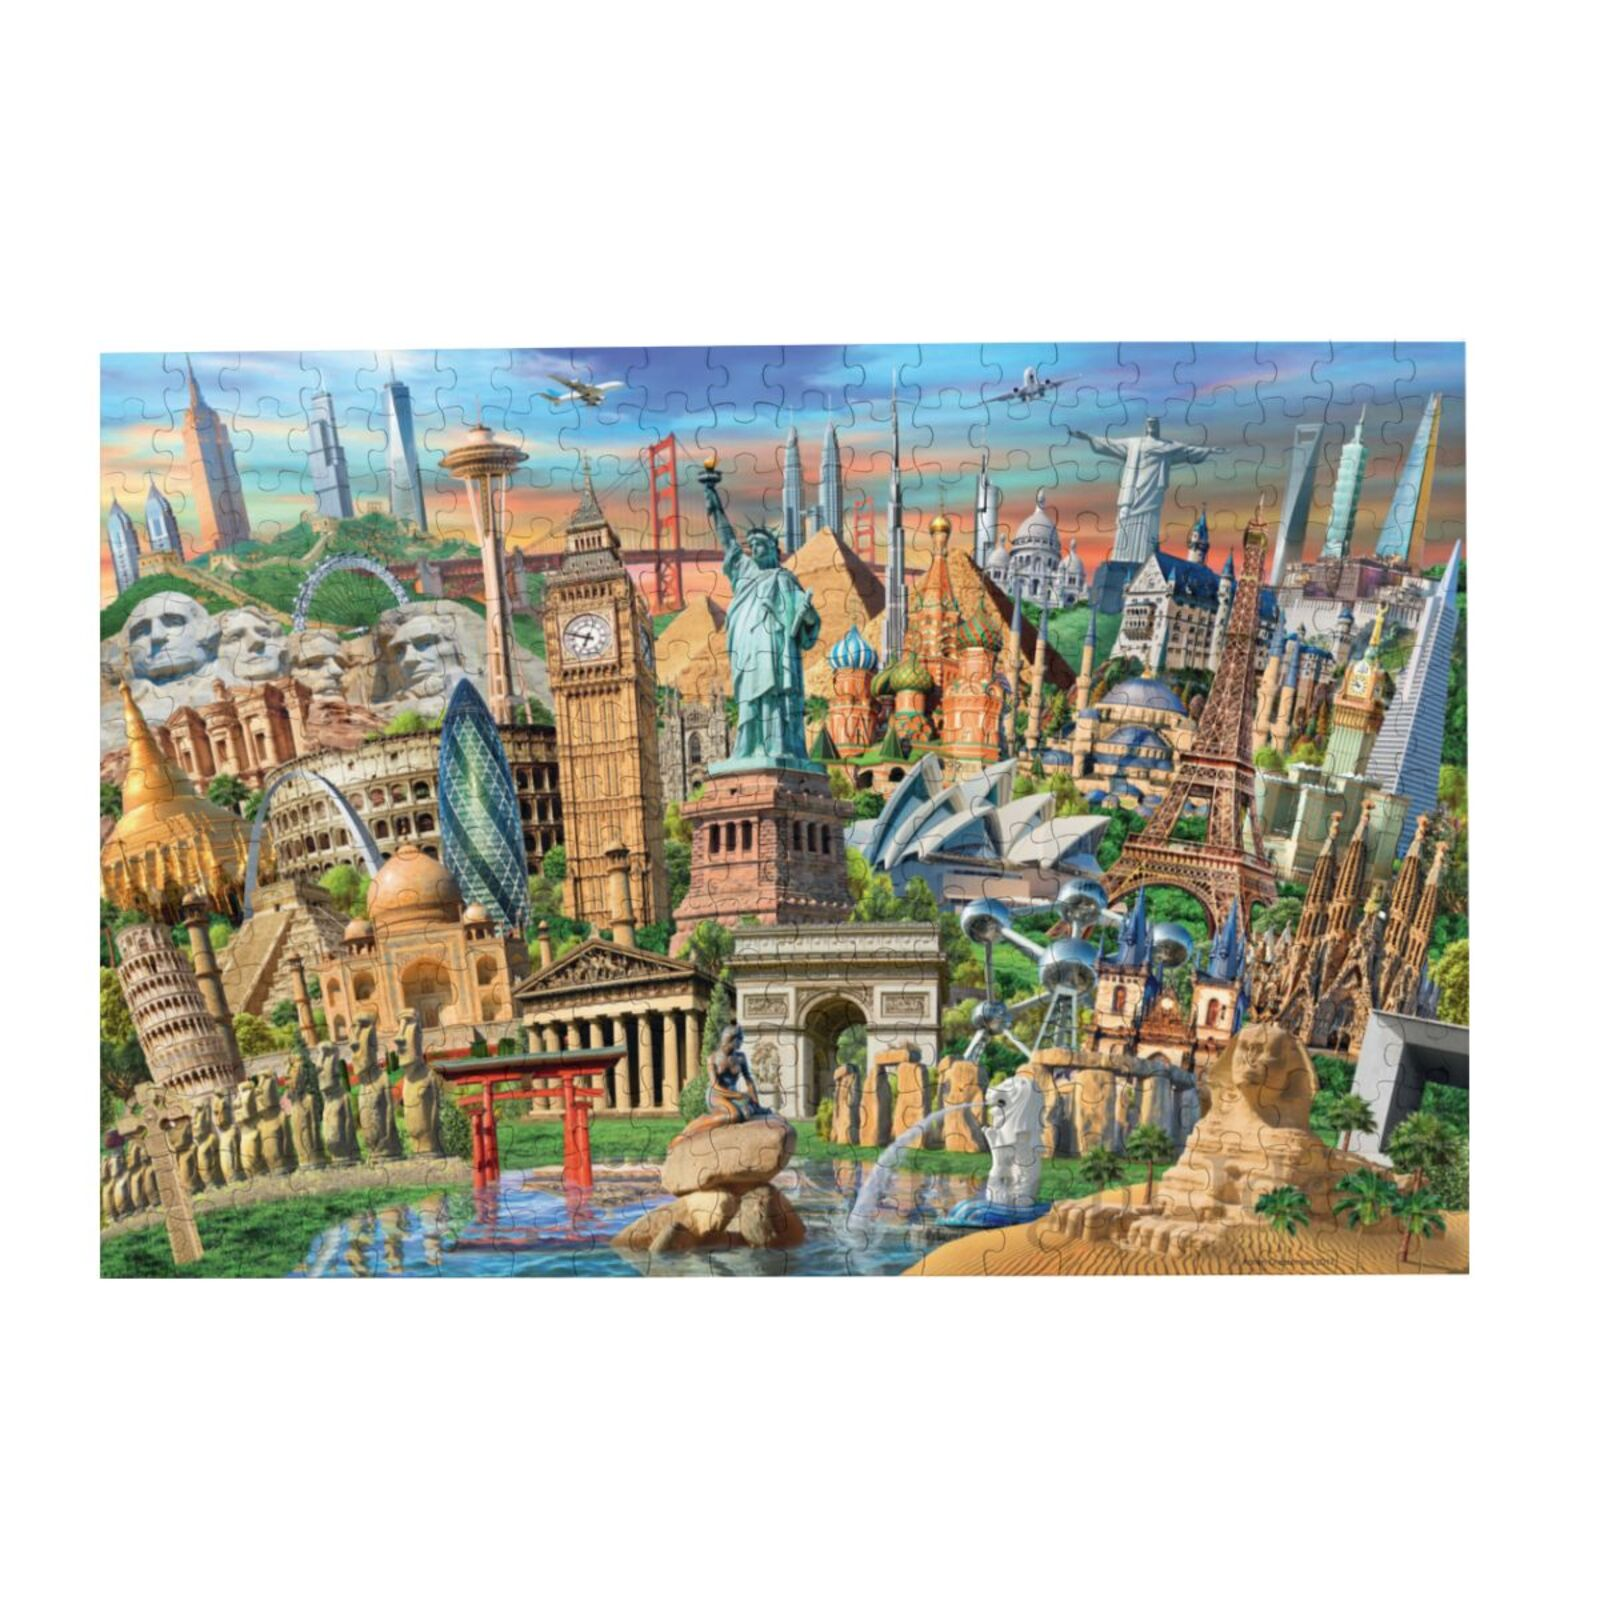 世界地標繪畫拼圖紙拼圖拼圖1000件風景拼圖教育益智木制益智玩具裝潢拼圖遊戲禮品